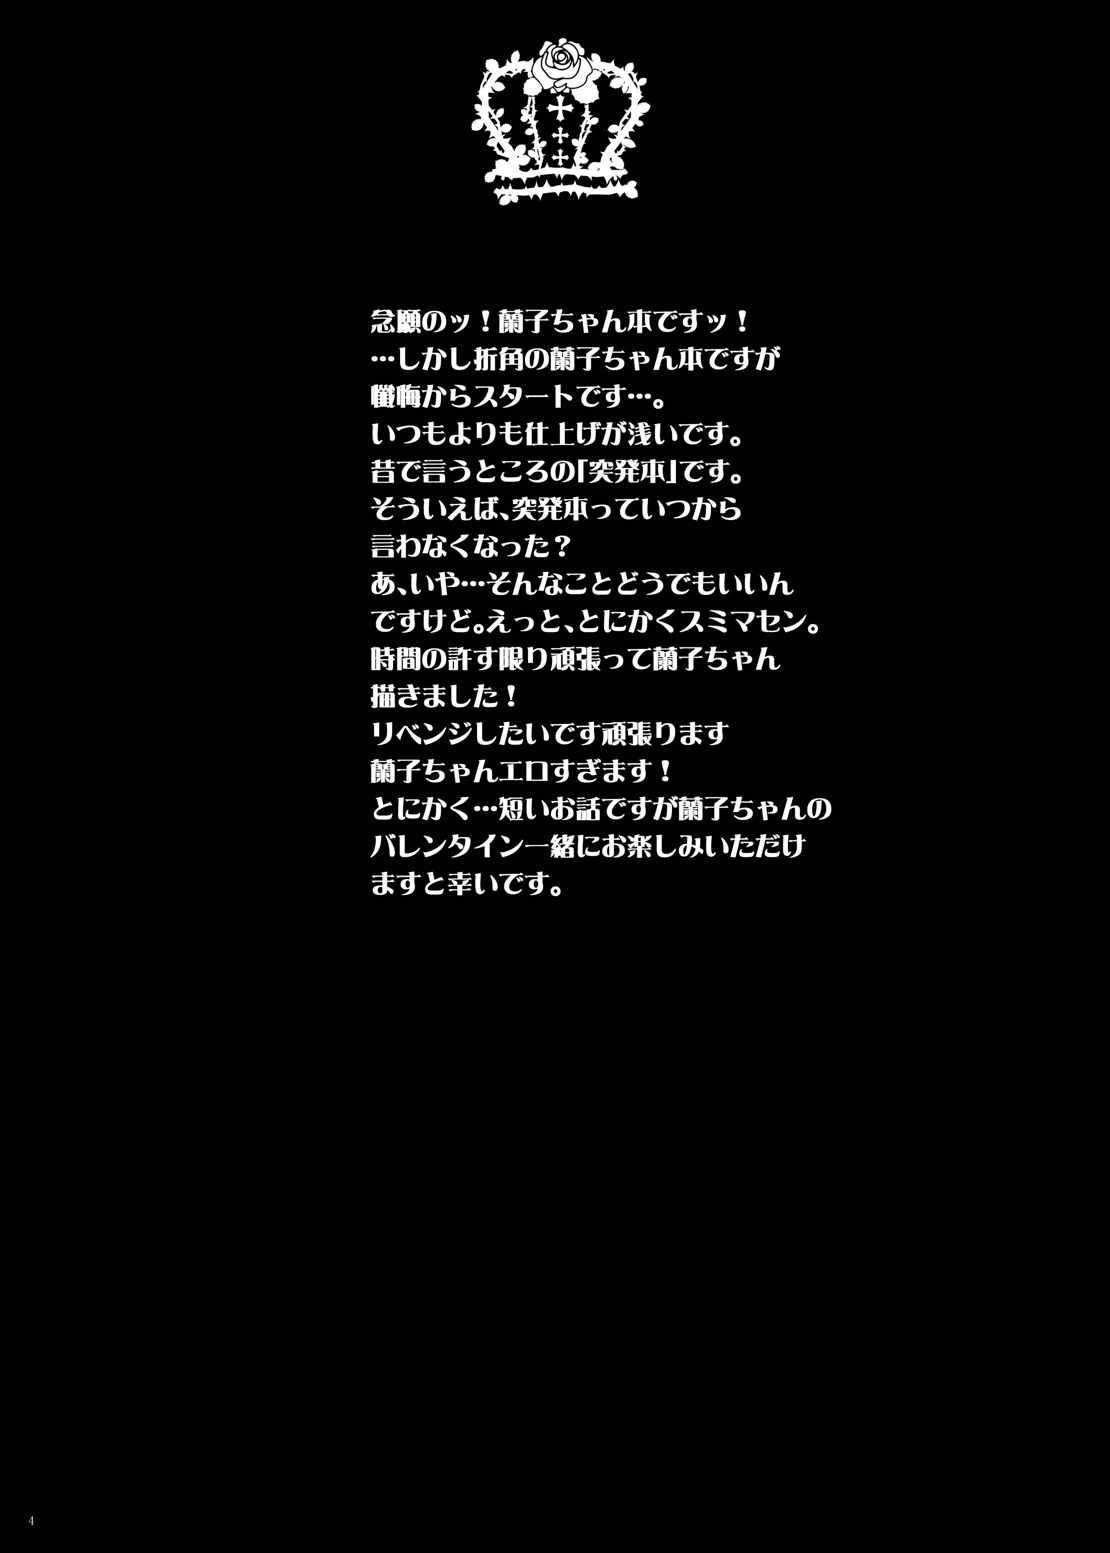 Seinaru Kizu ni Amaki Akuma no Shizuku o Motarasu 2